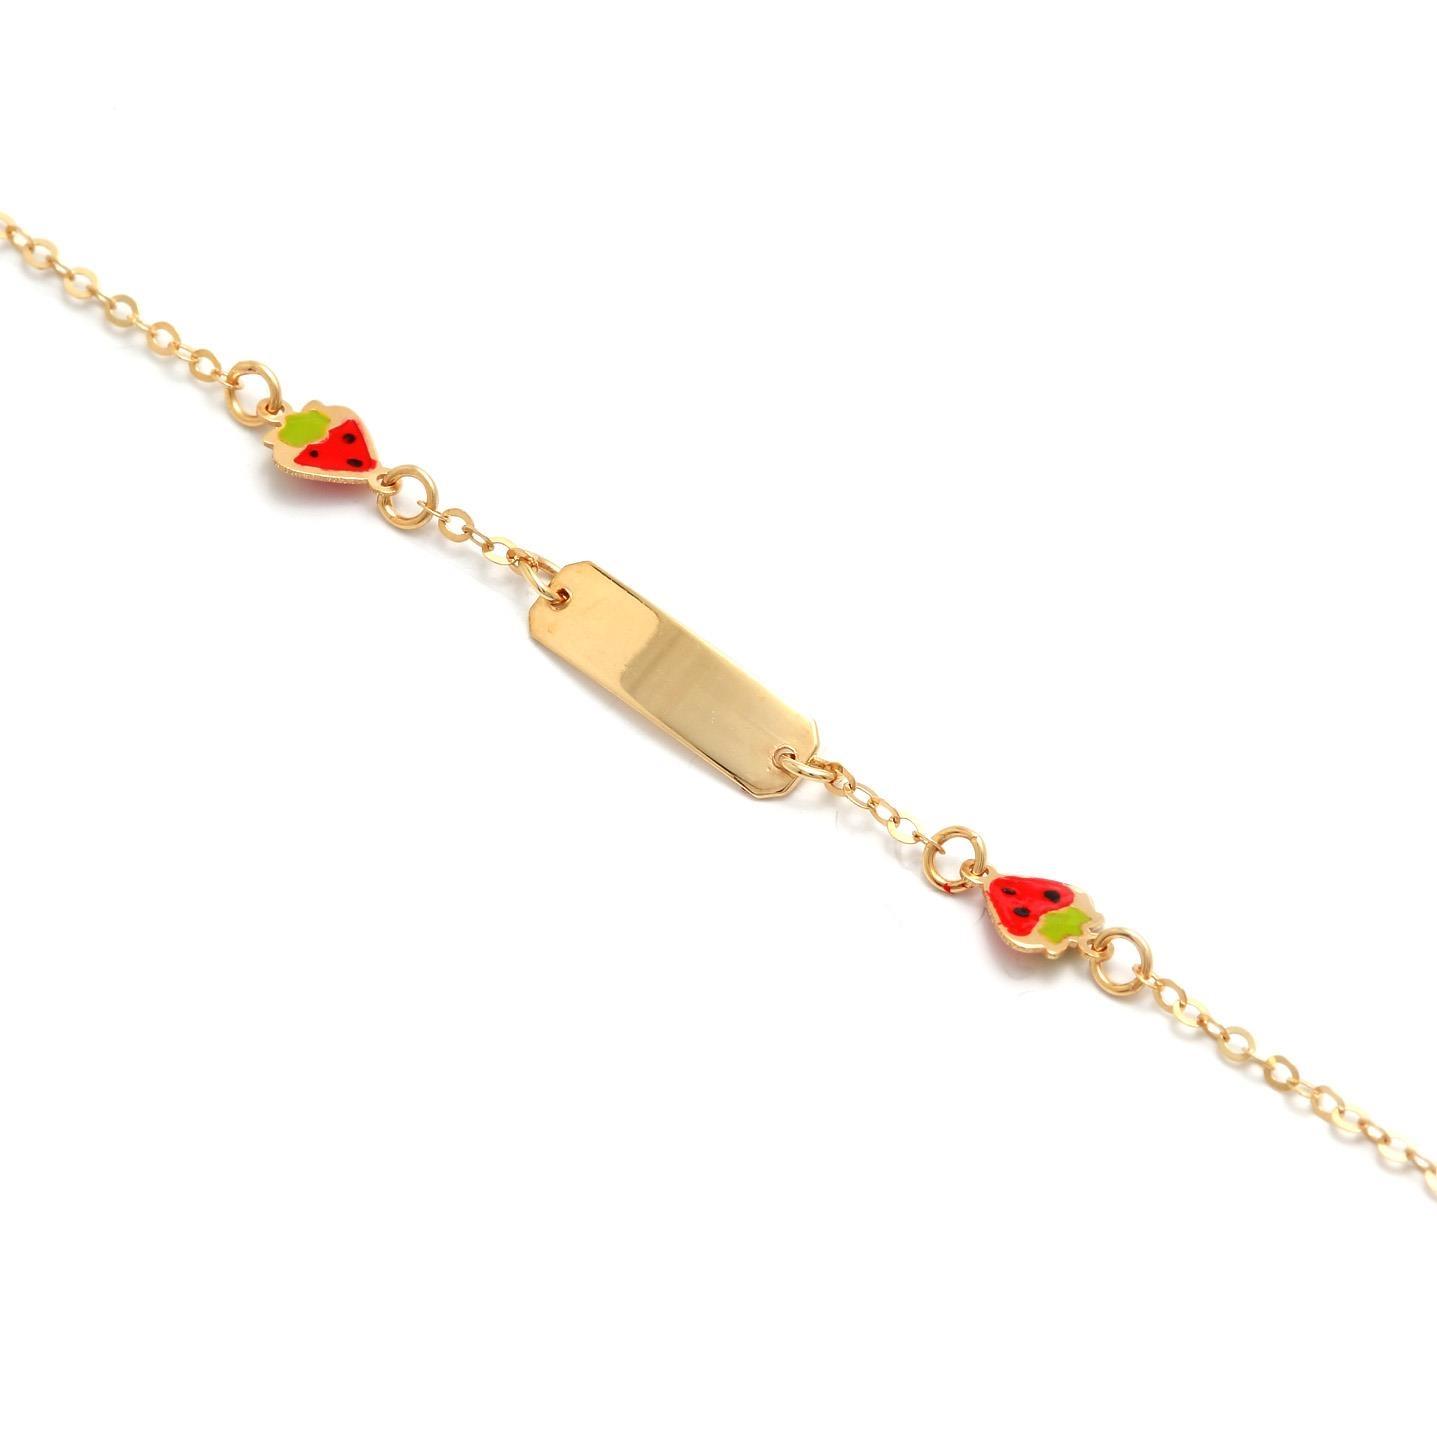 Zlatý detský náramok s jahôdkami 5MZ00038